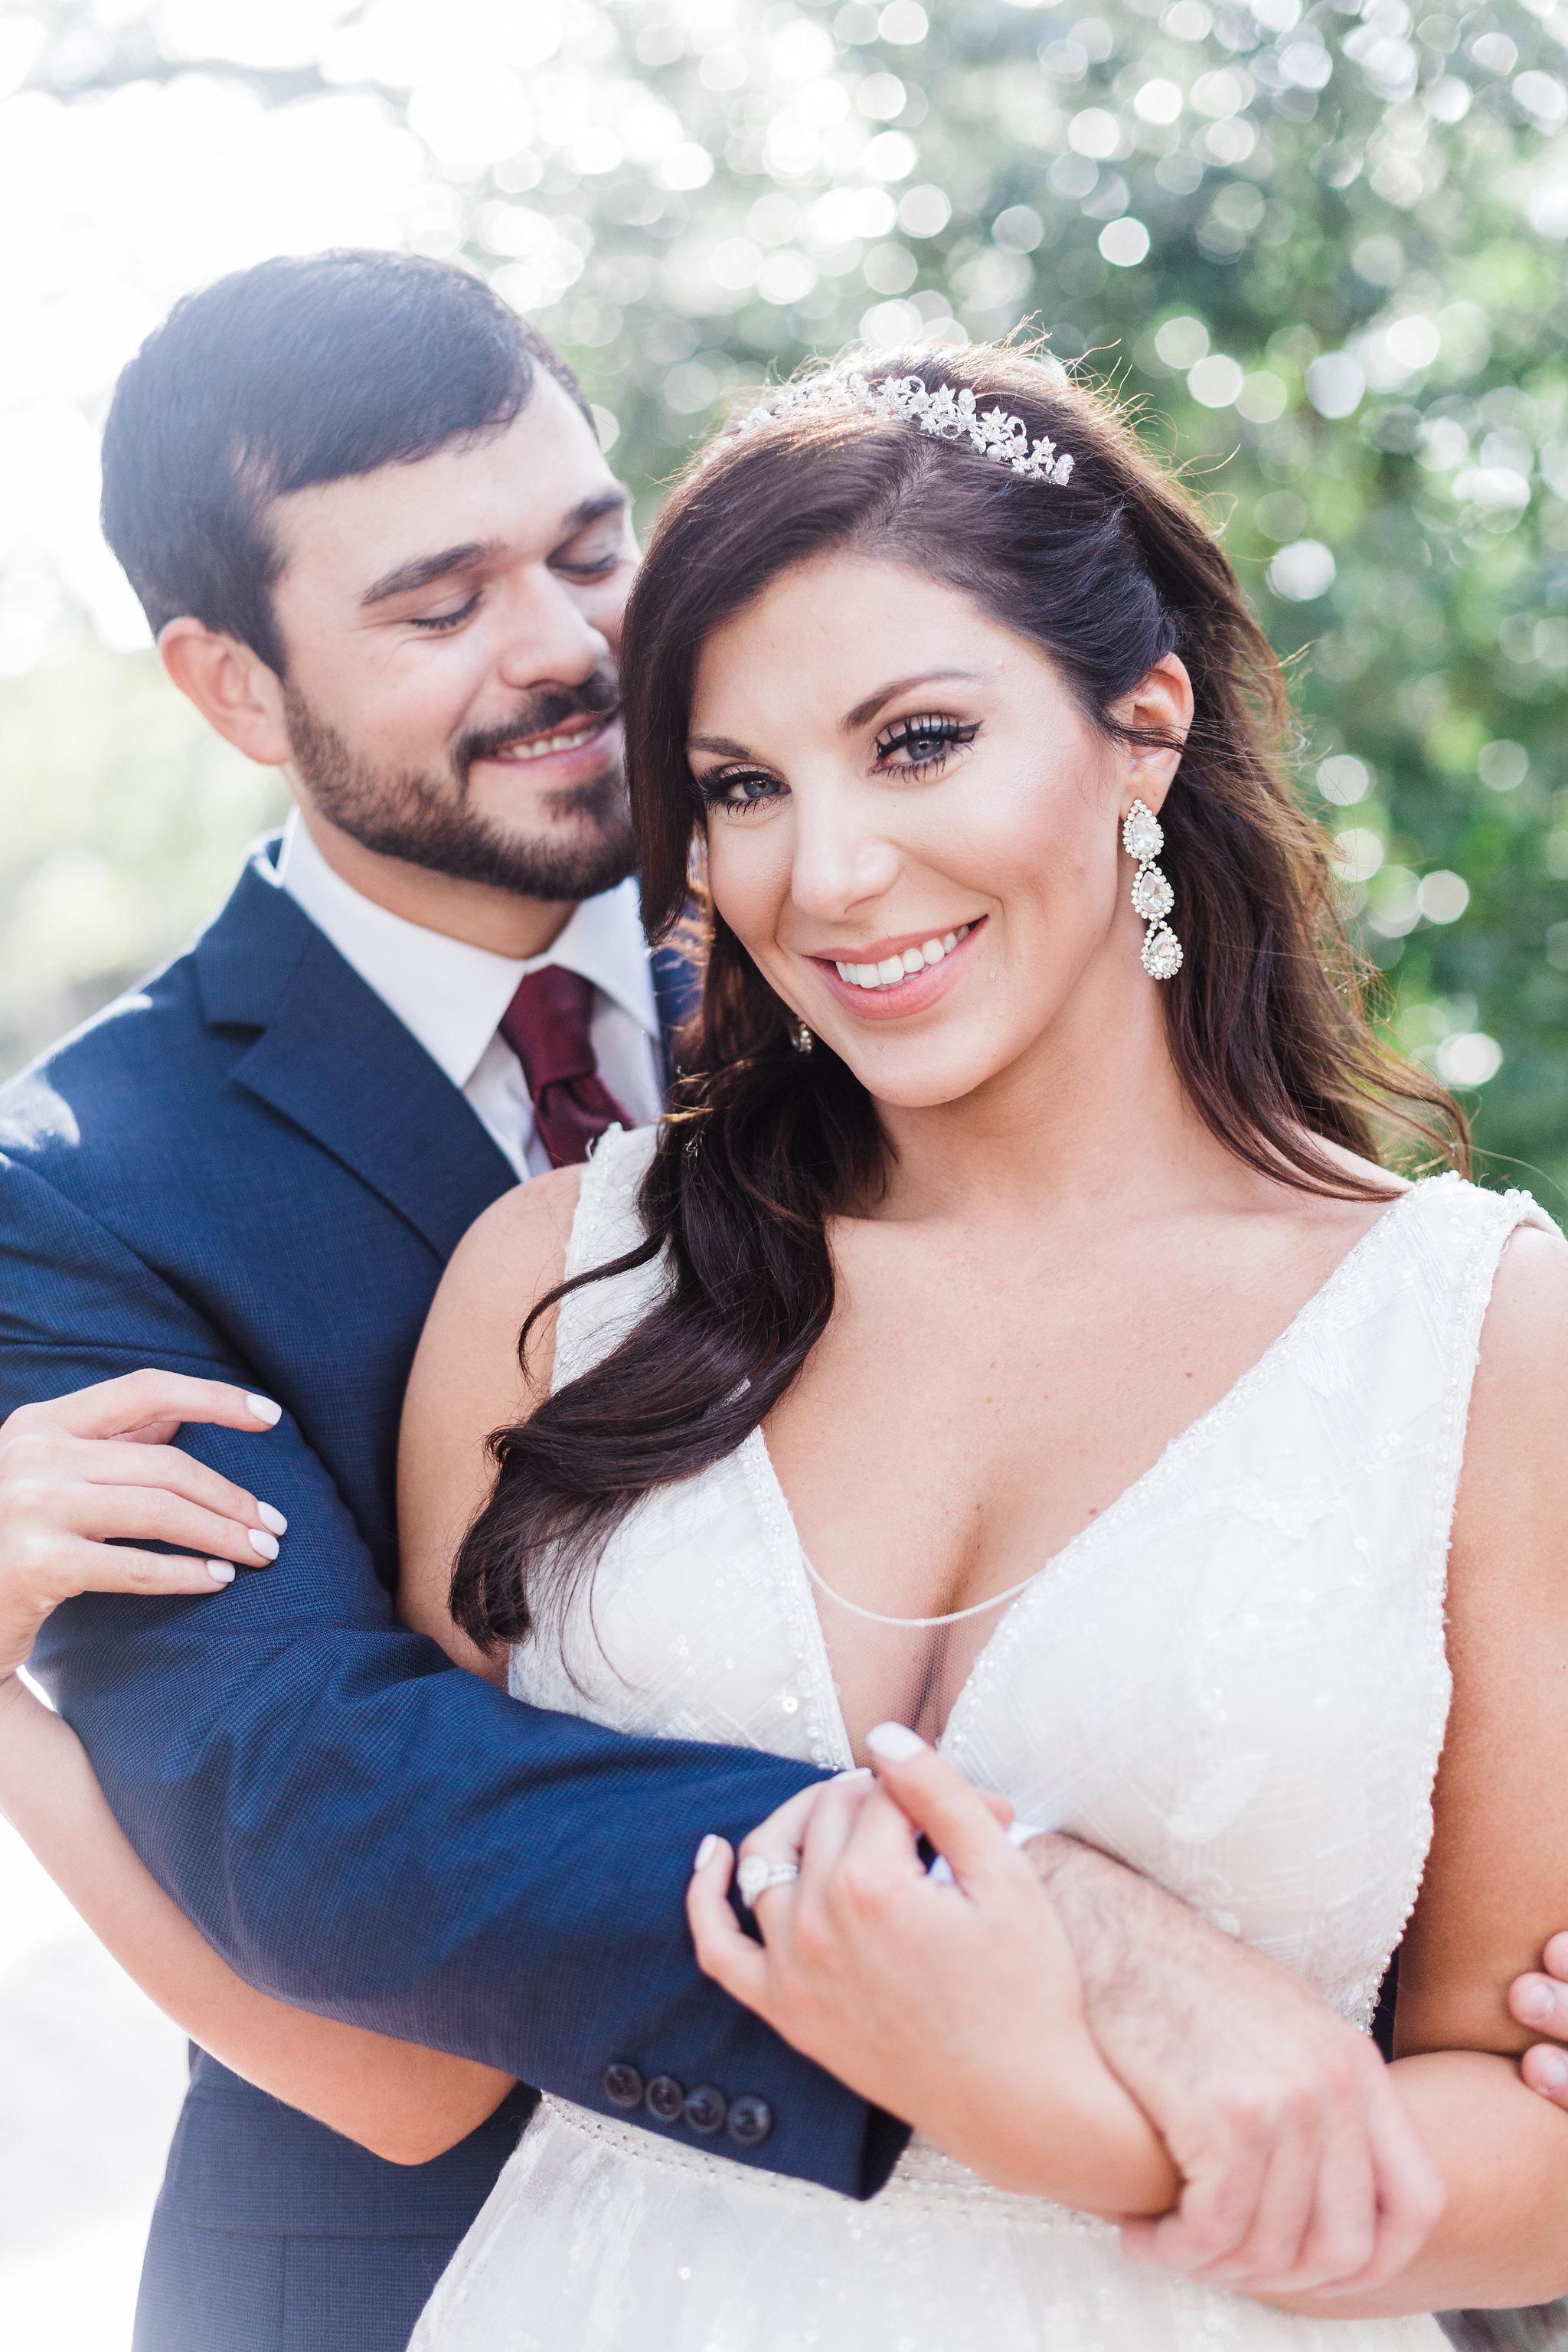 apt-b-photography-lindsey-shawn-Savannah-wedding-photographer-savannah-elopement-photographer-historic-savannah-elopement-savannah-weddings-hilton-head-wedding-photographer-jekyll-island-wedding-photographer-28.jpg